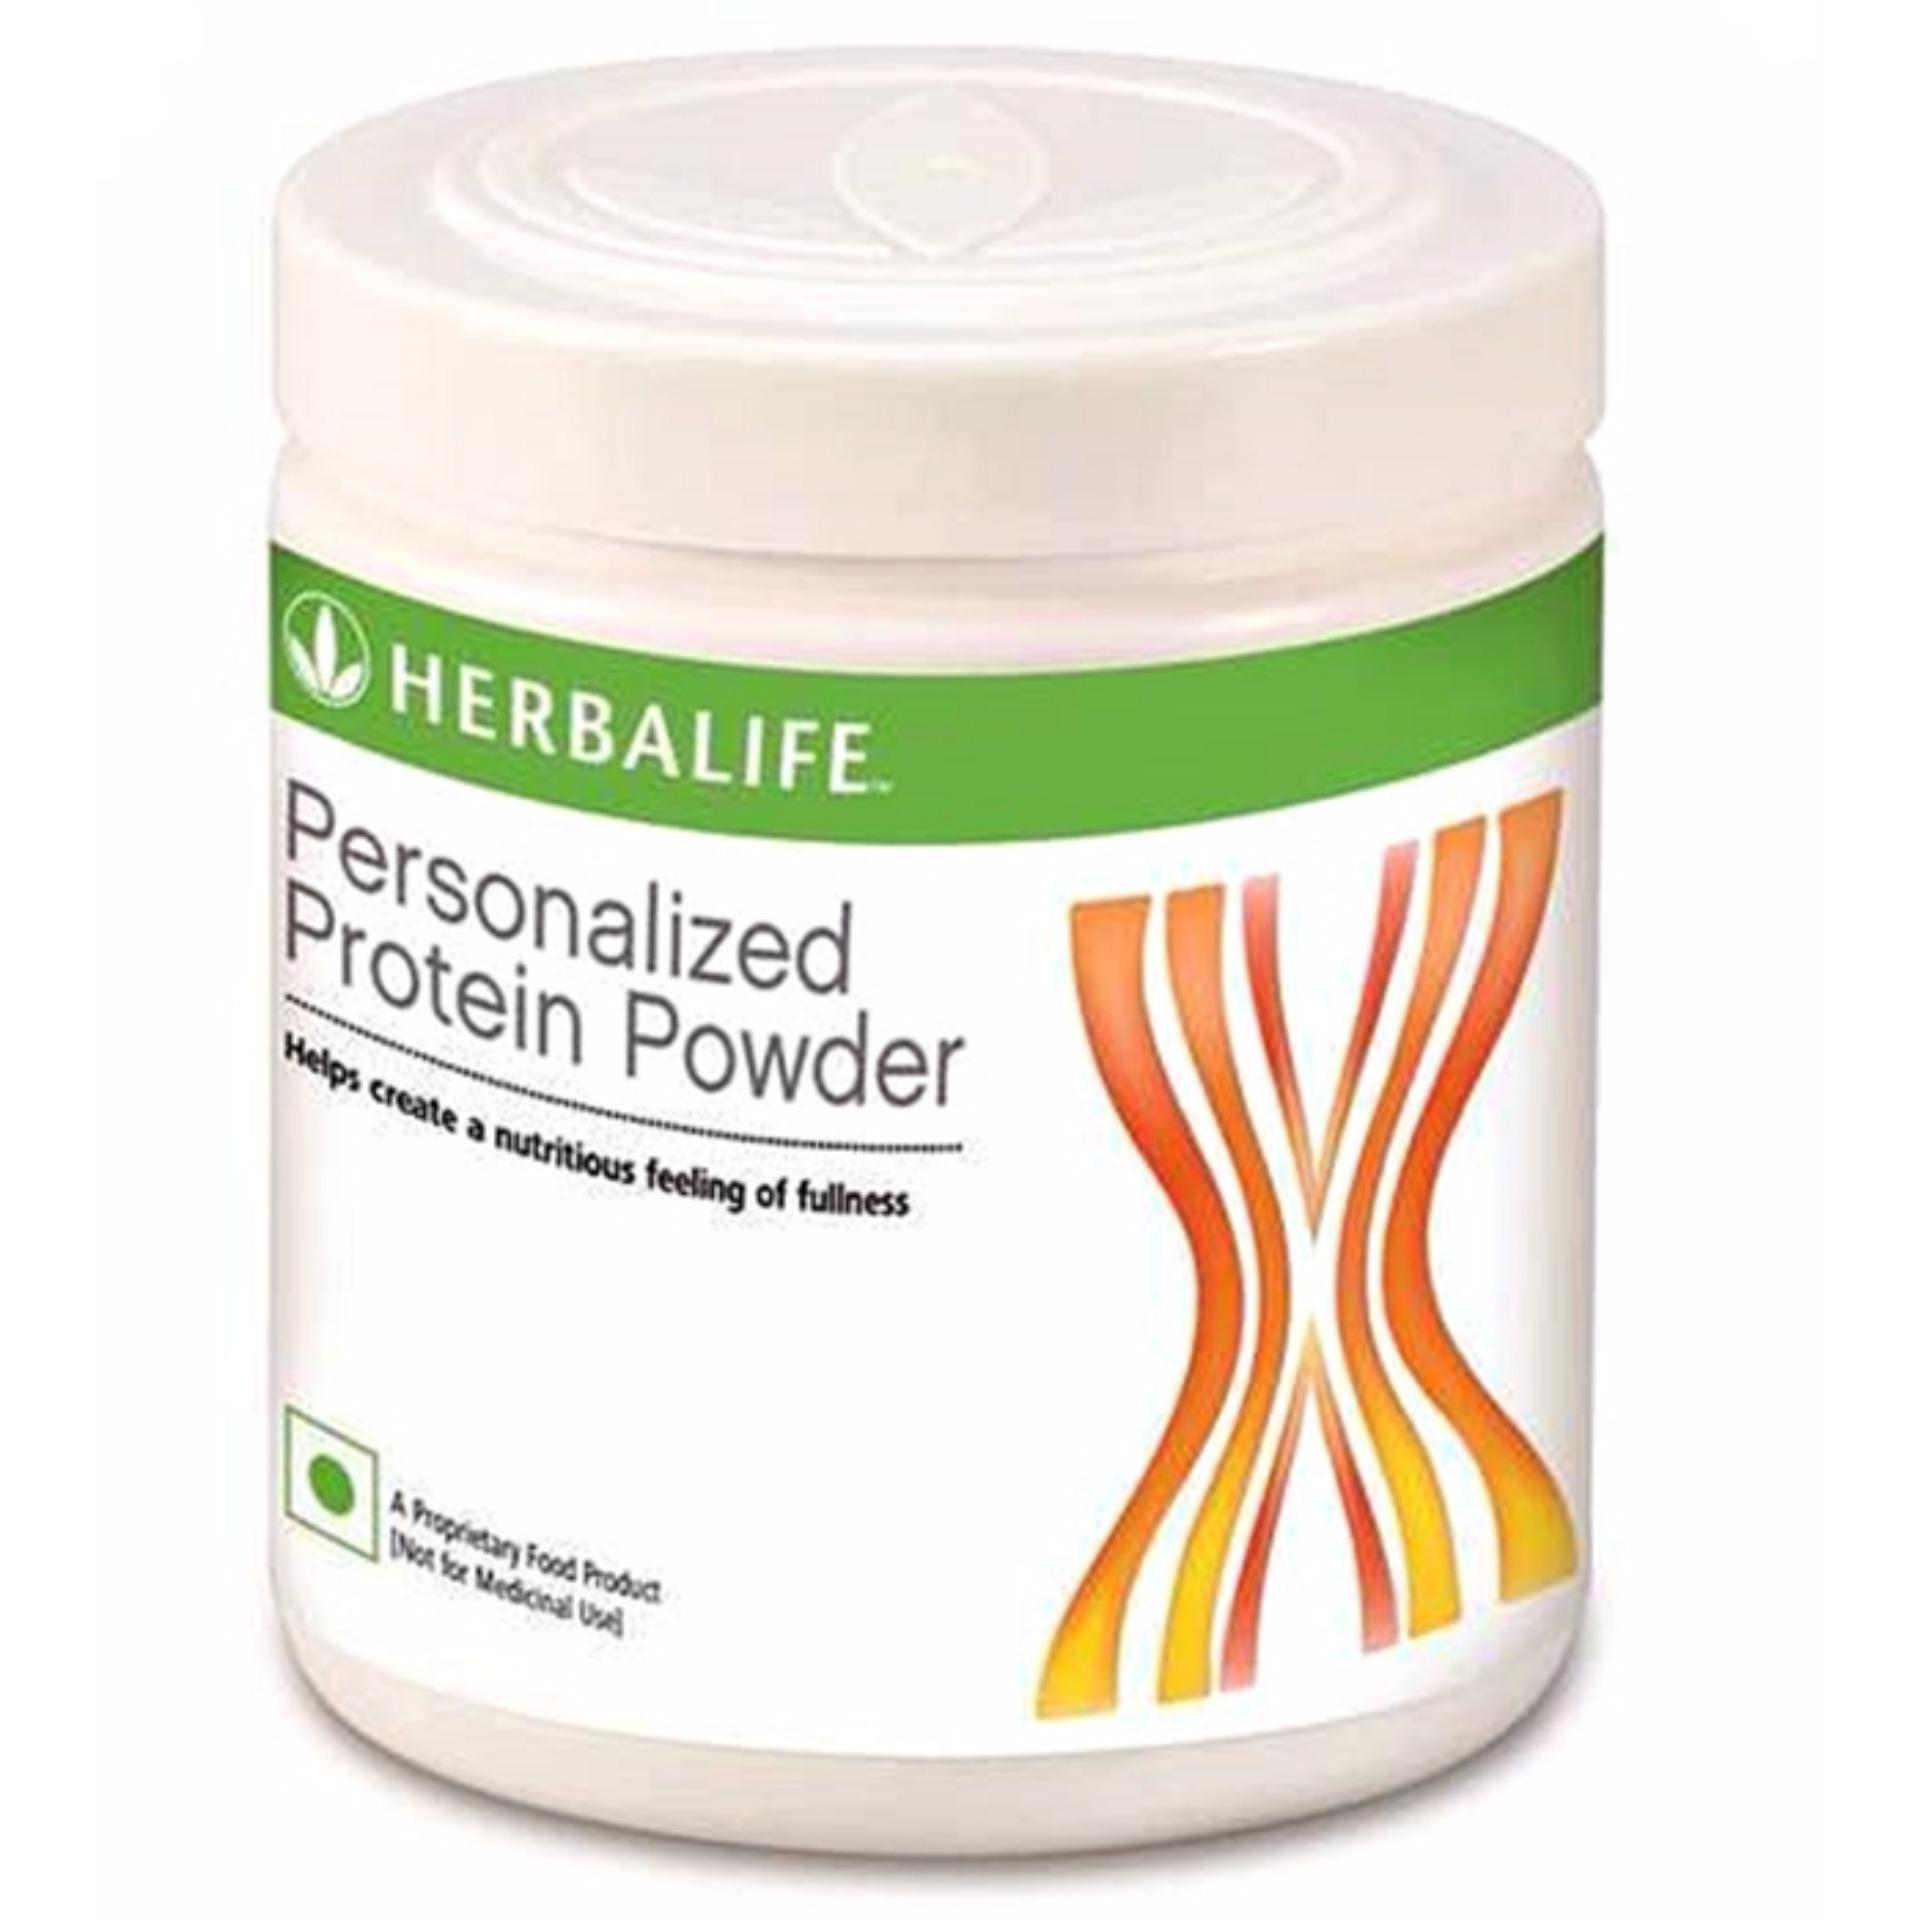 PPP - herbalife_#Personalized Protein Powder#pembentuk otot, melunturkan lemak, memberi rasa kenyang, tinggi protein